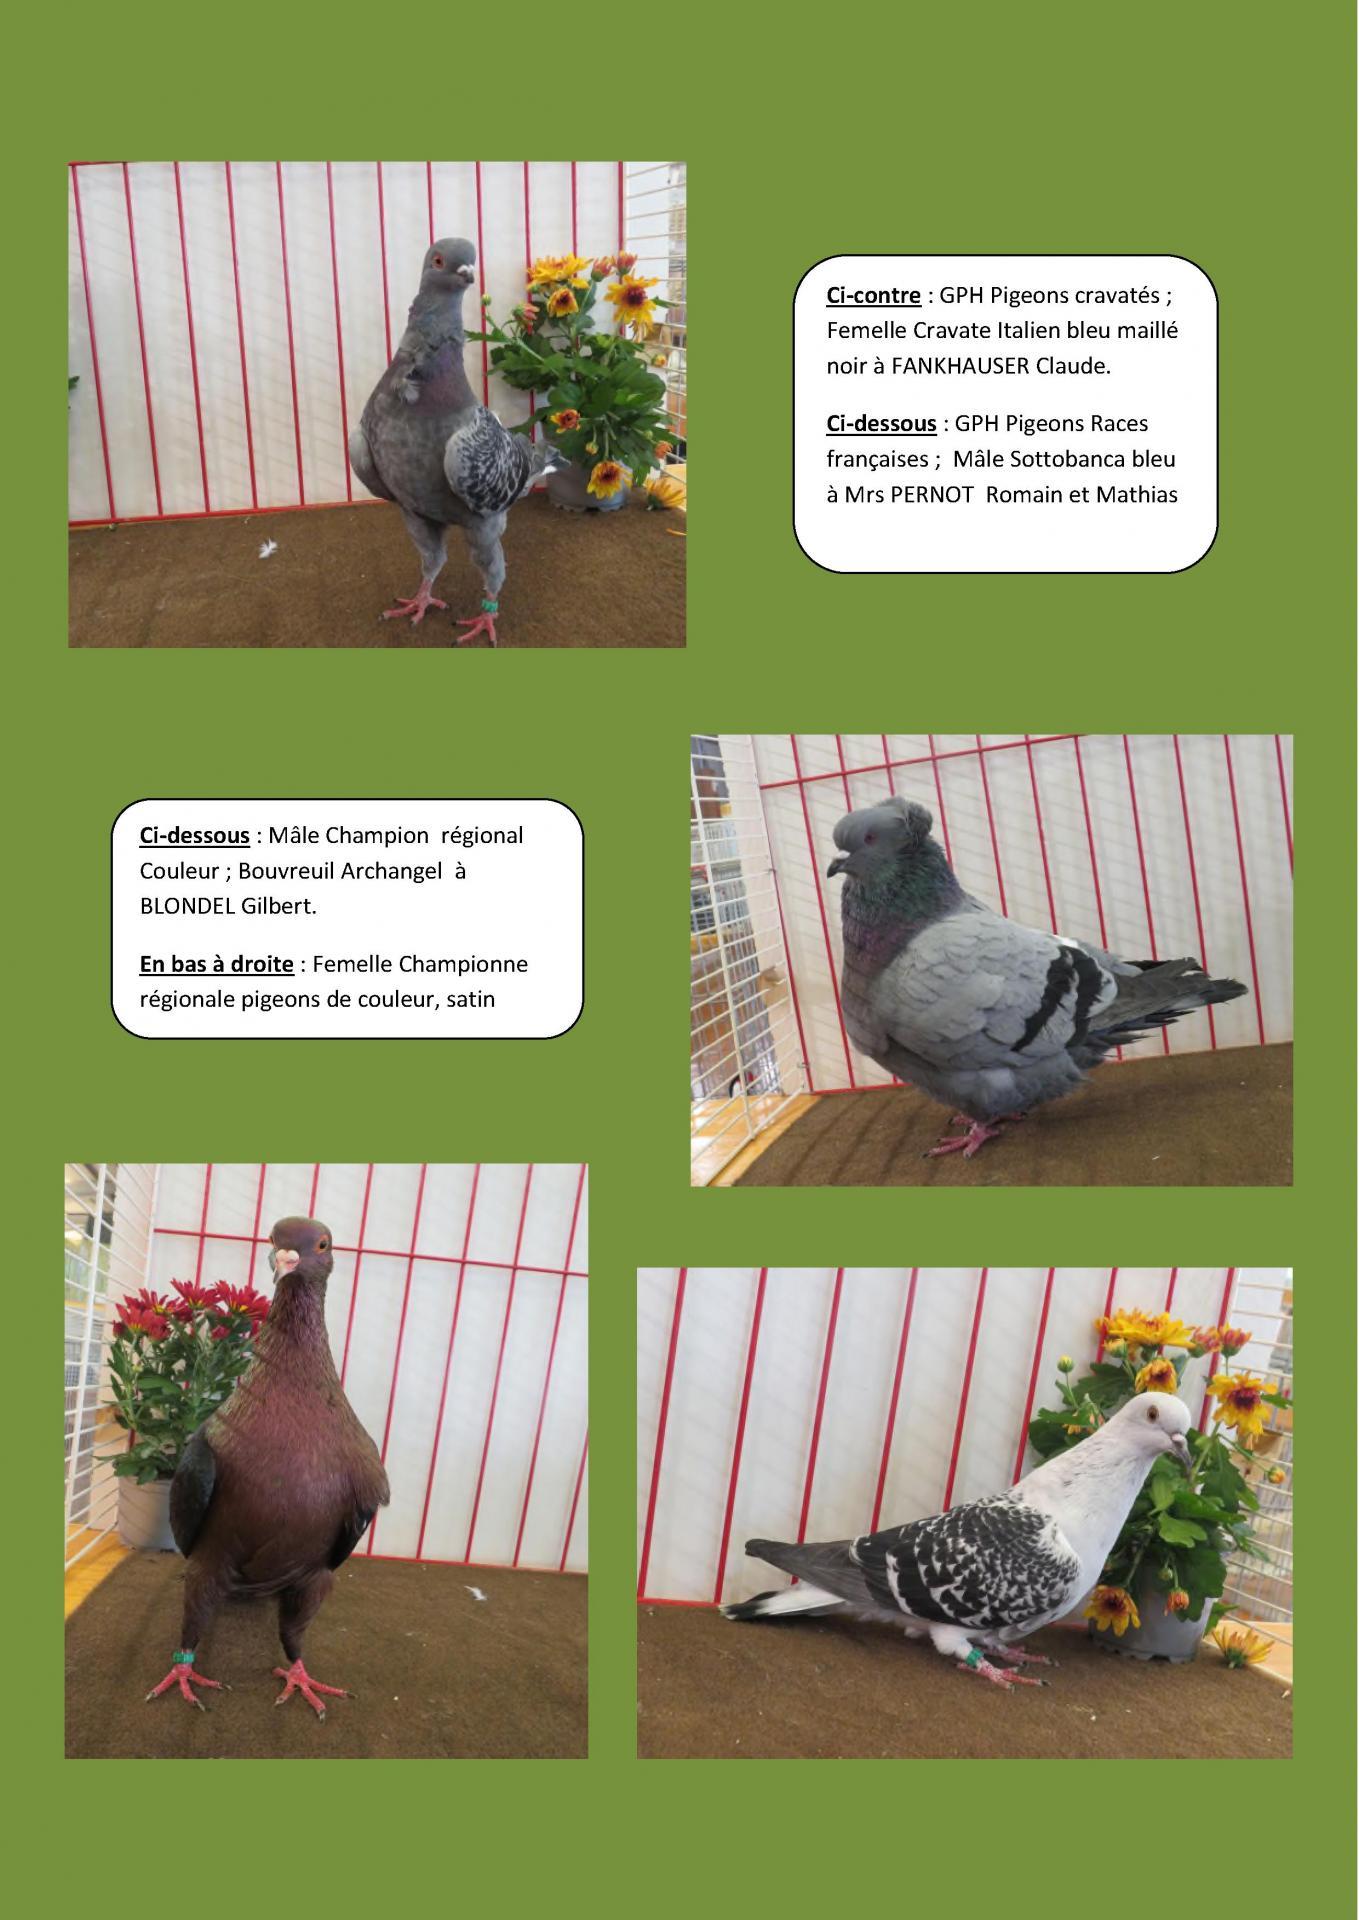 Port sur saone 2019 en images les grands prix pigeons 2